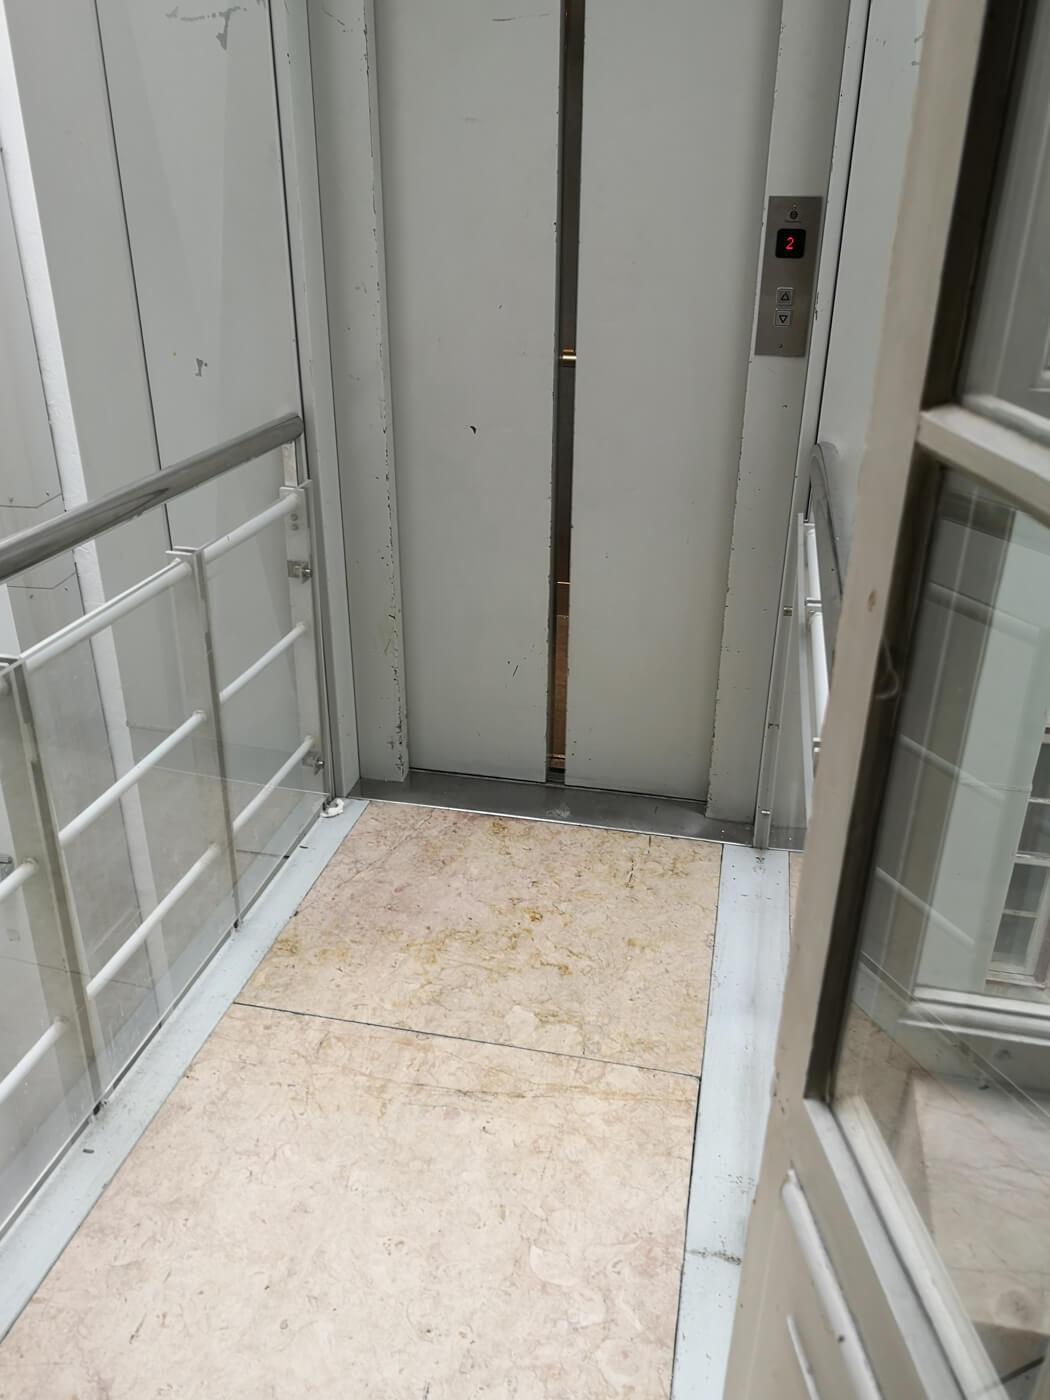 Disabled lift at the Ajuda National Palace, Portugal.